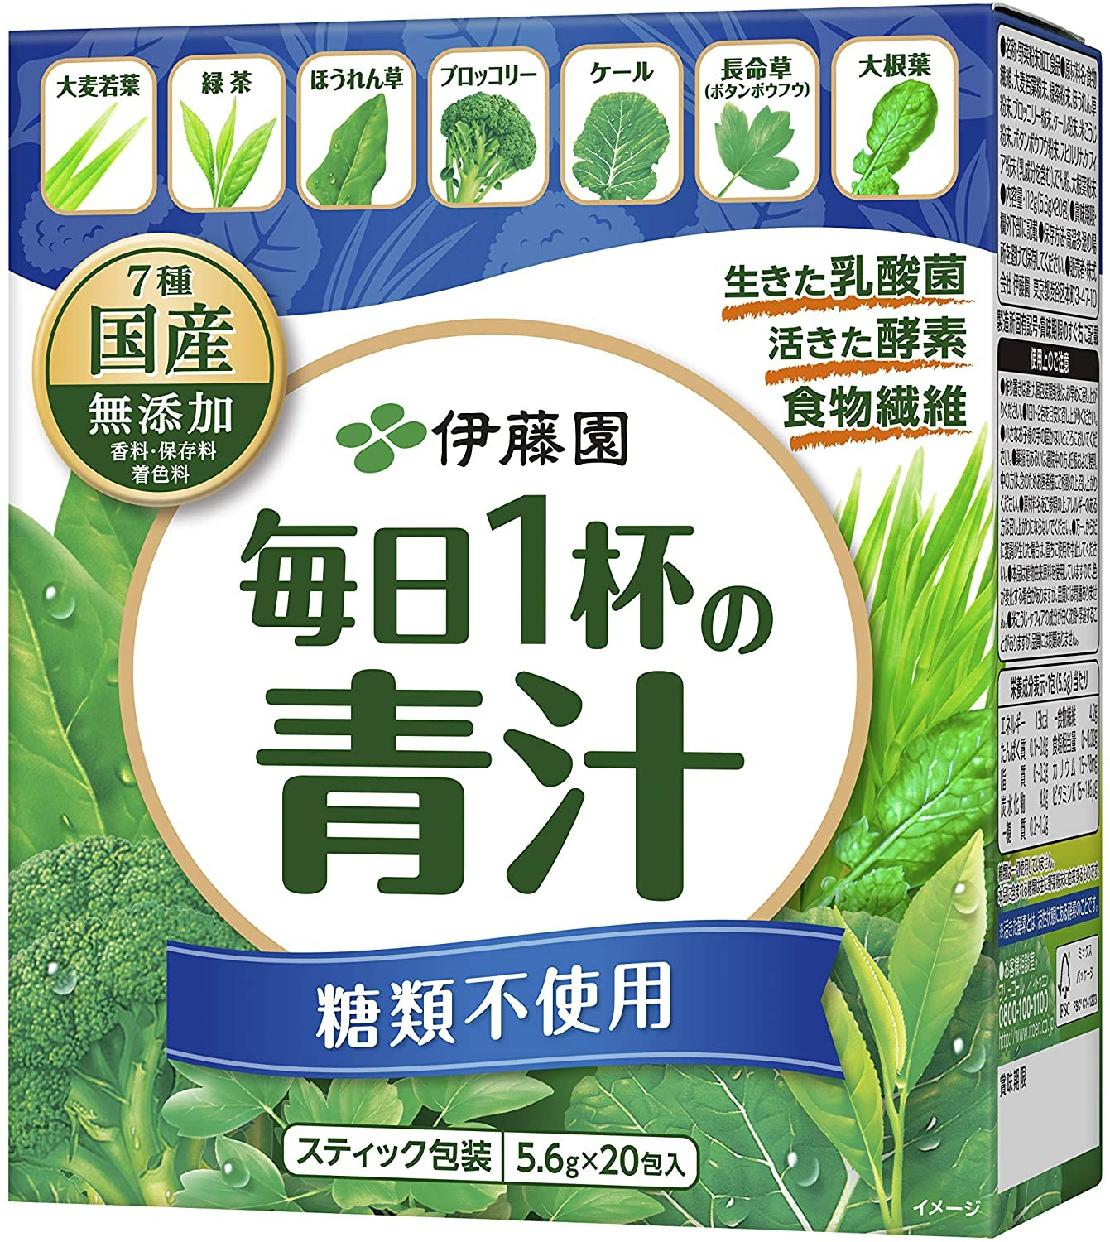 伊藤園(イトウエン) 毎日1杯の青汁 糖類不使用の商品画像7